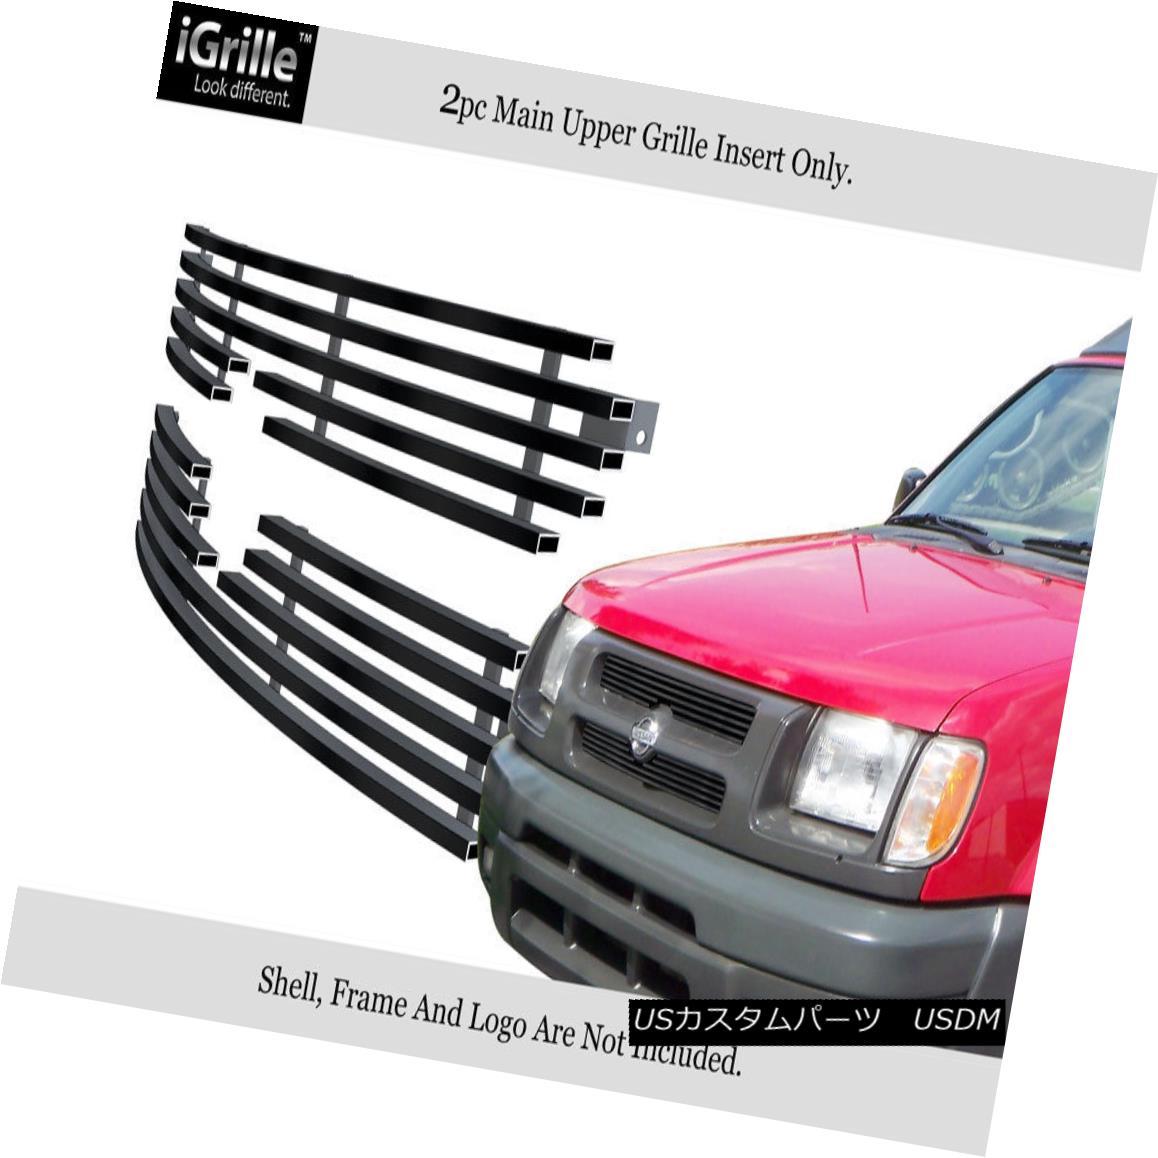 グリル Fits 00-01 Nissan Xterra Black Stainless Steel Billet Grille Insert フィット00-01日産エクステラブラックステンレス鋼ビレットグリルインサート